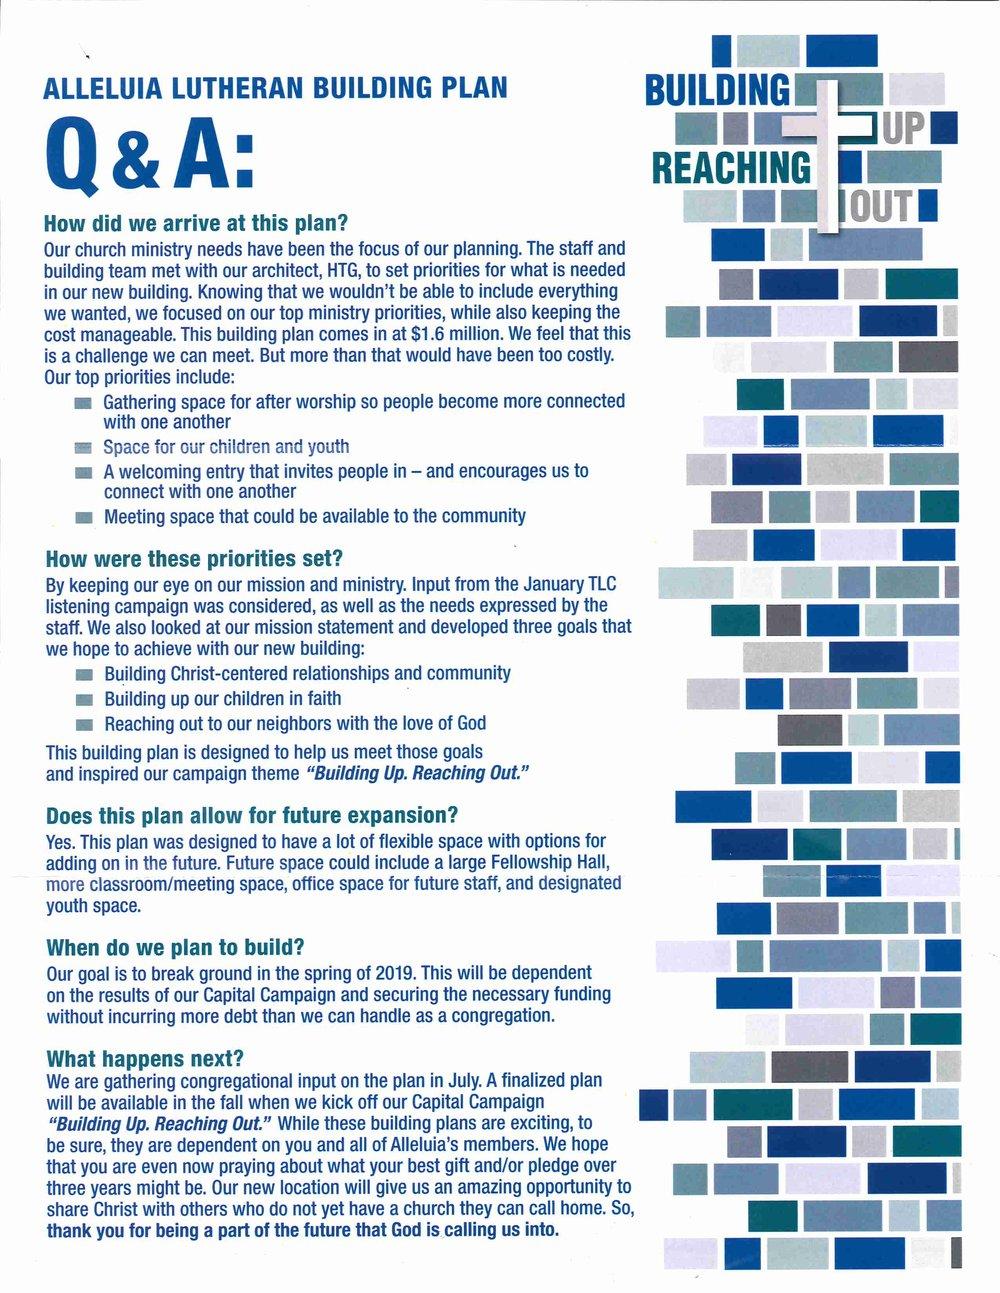 Building Q & A.jpg